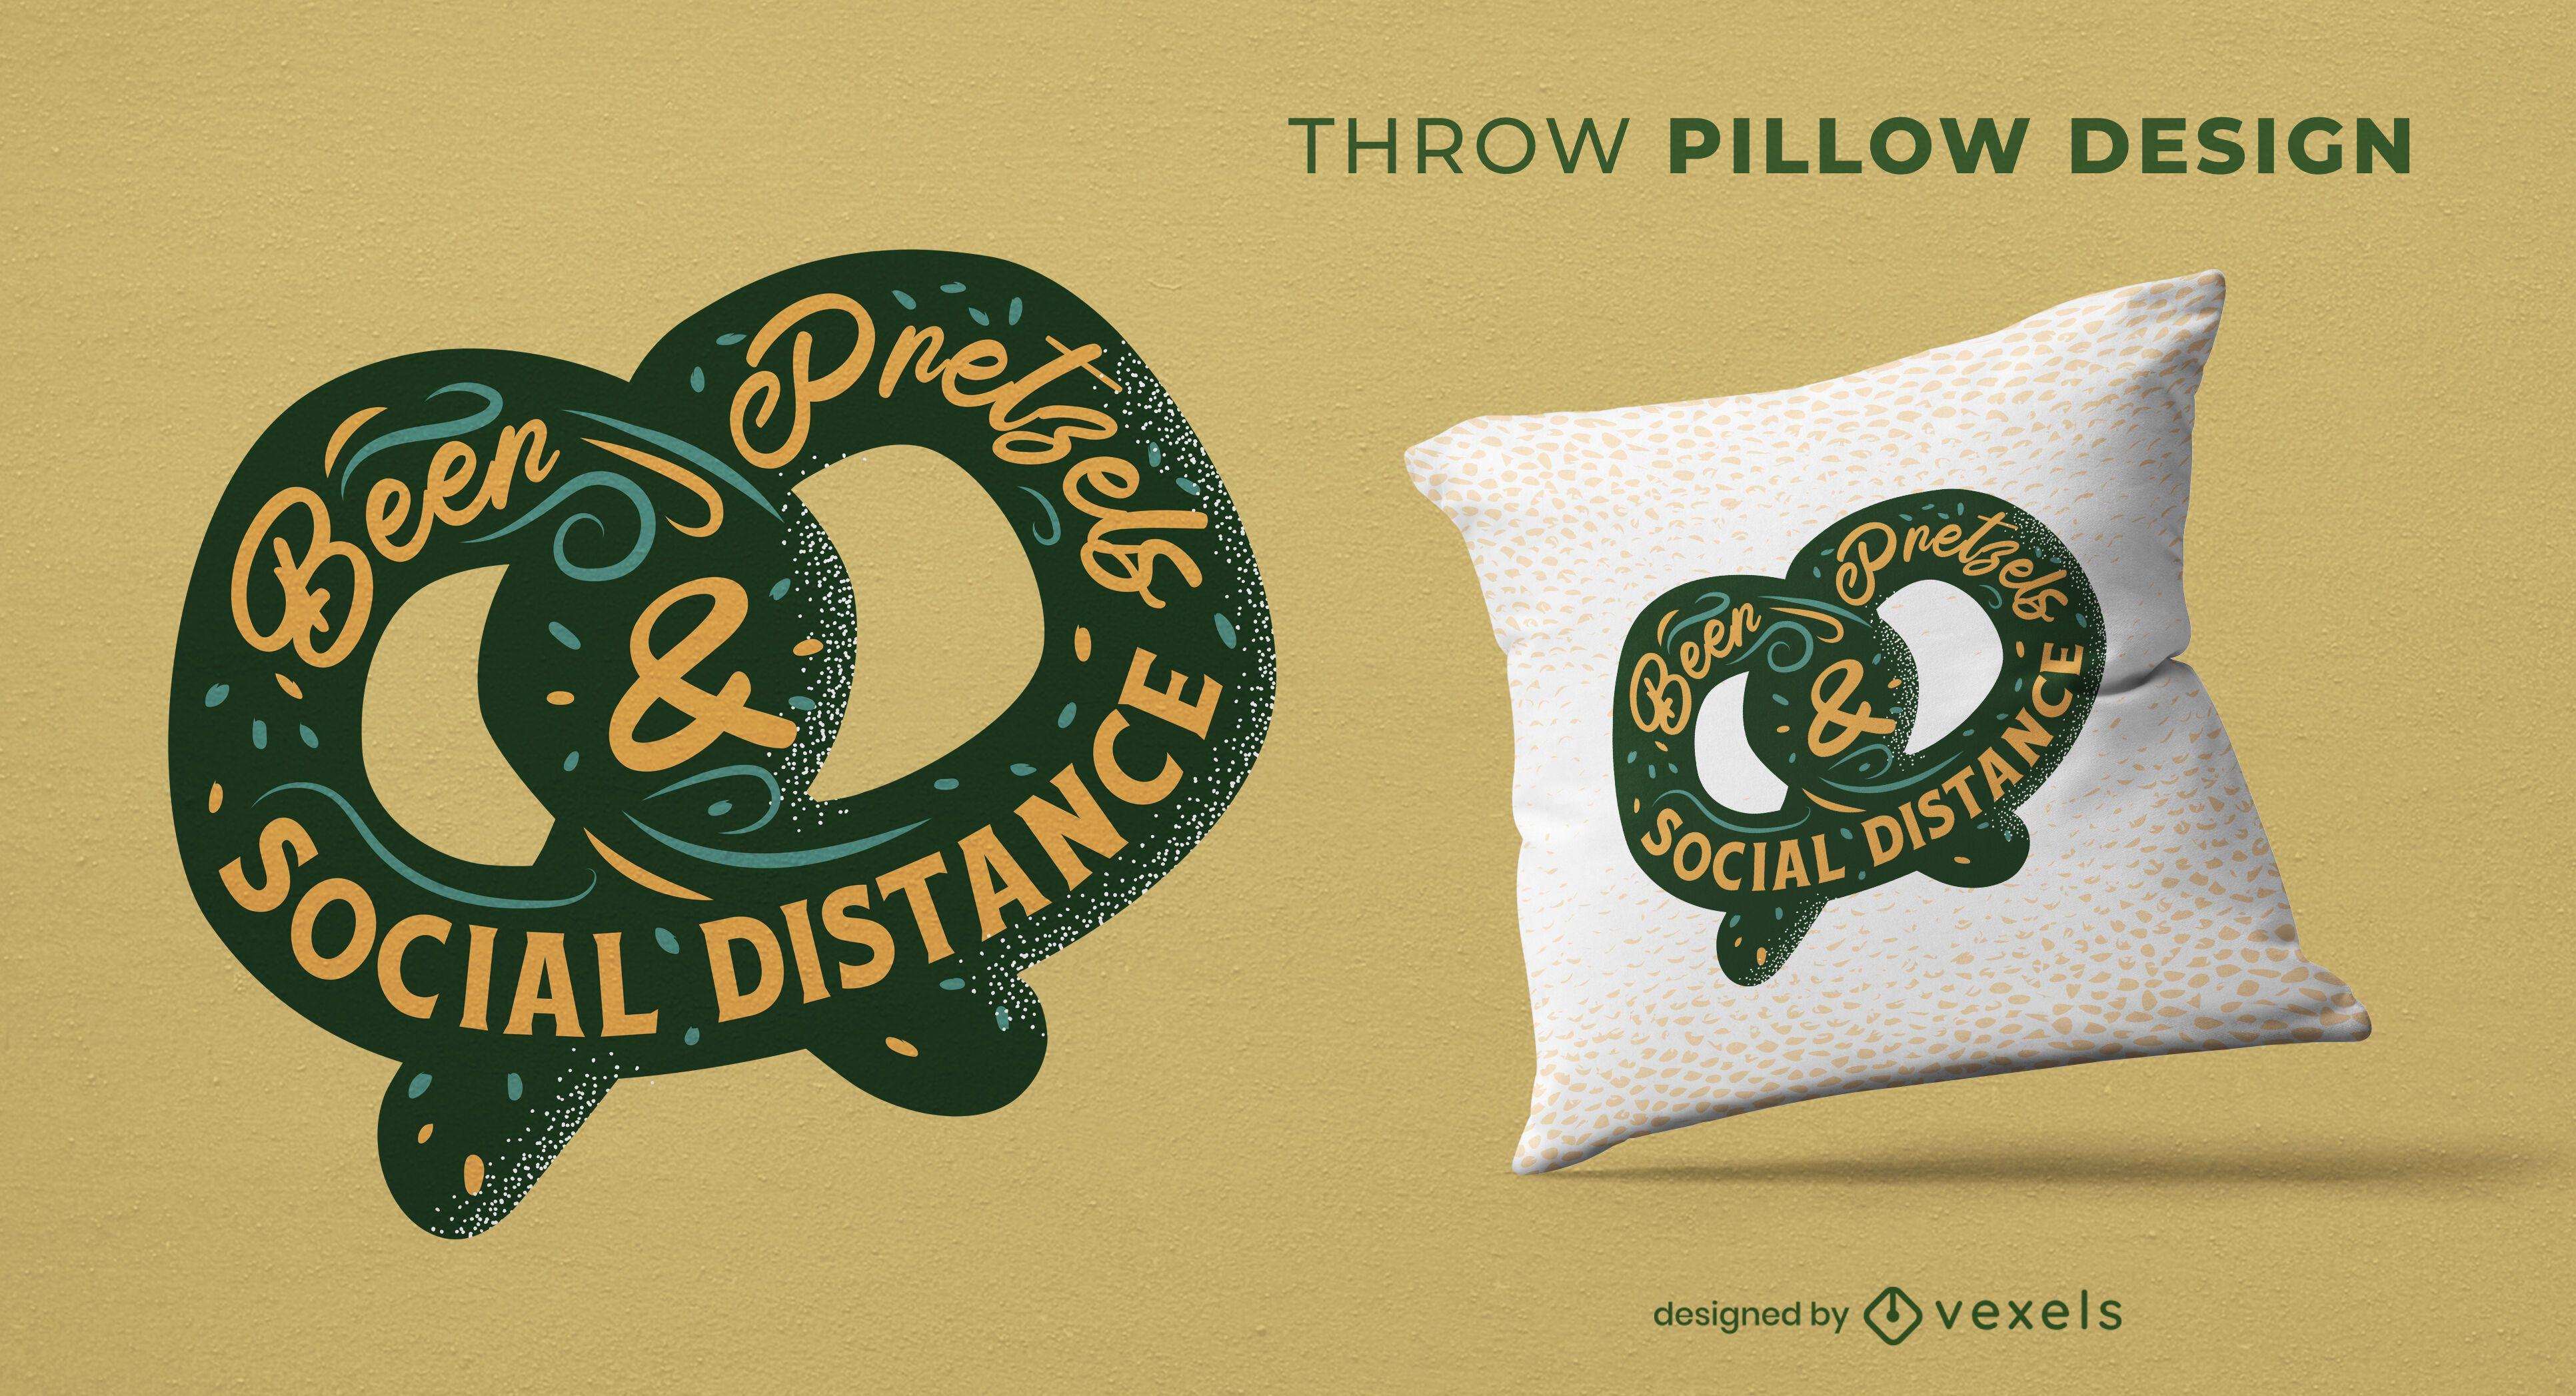 Diseño de almohada de pretzel y cerveza.